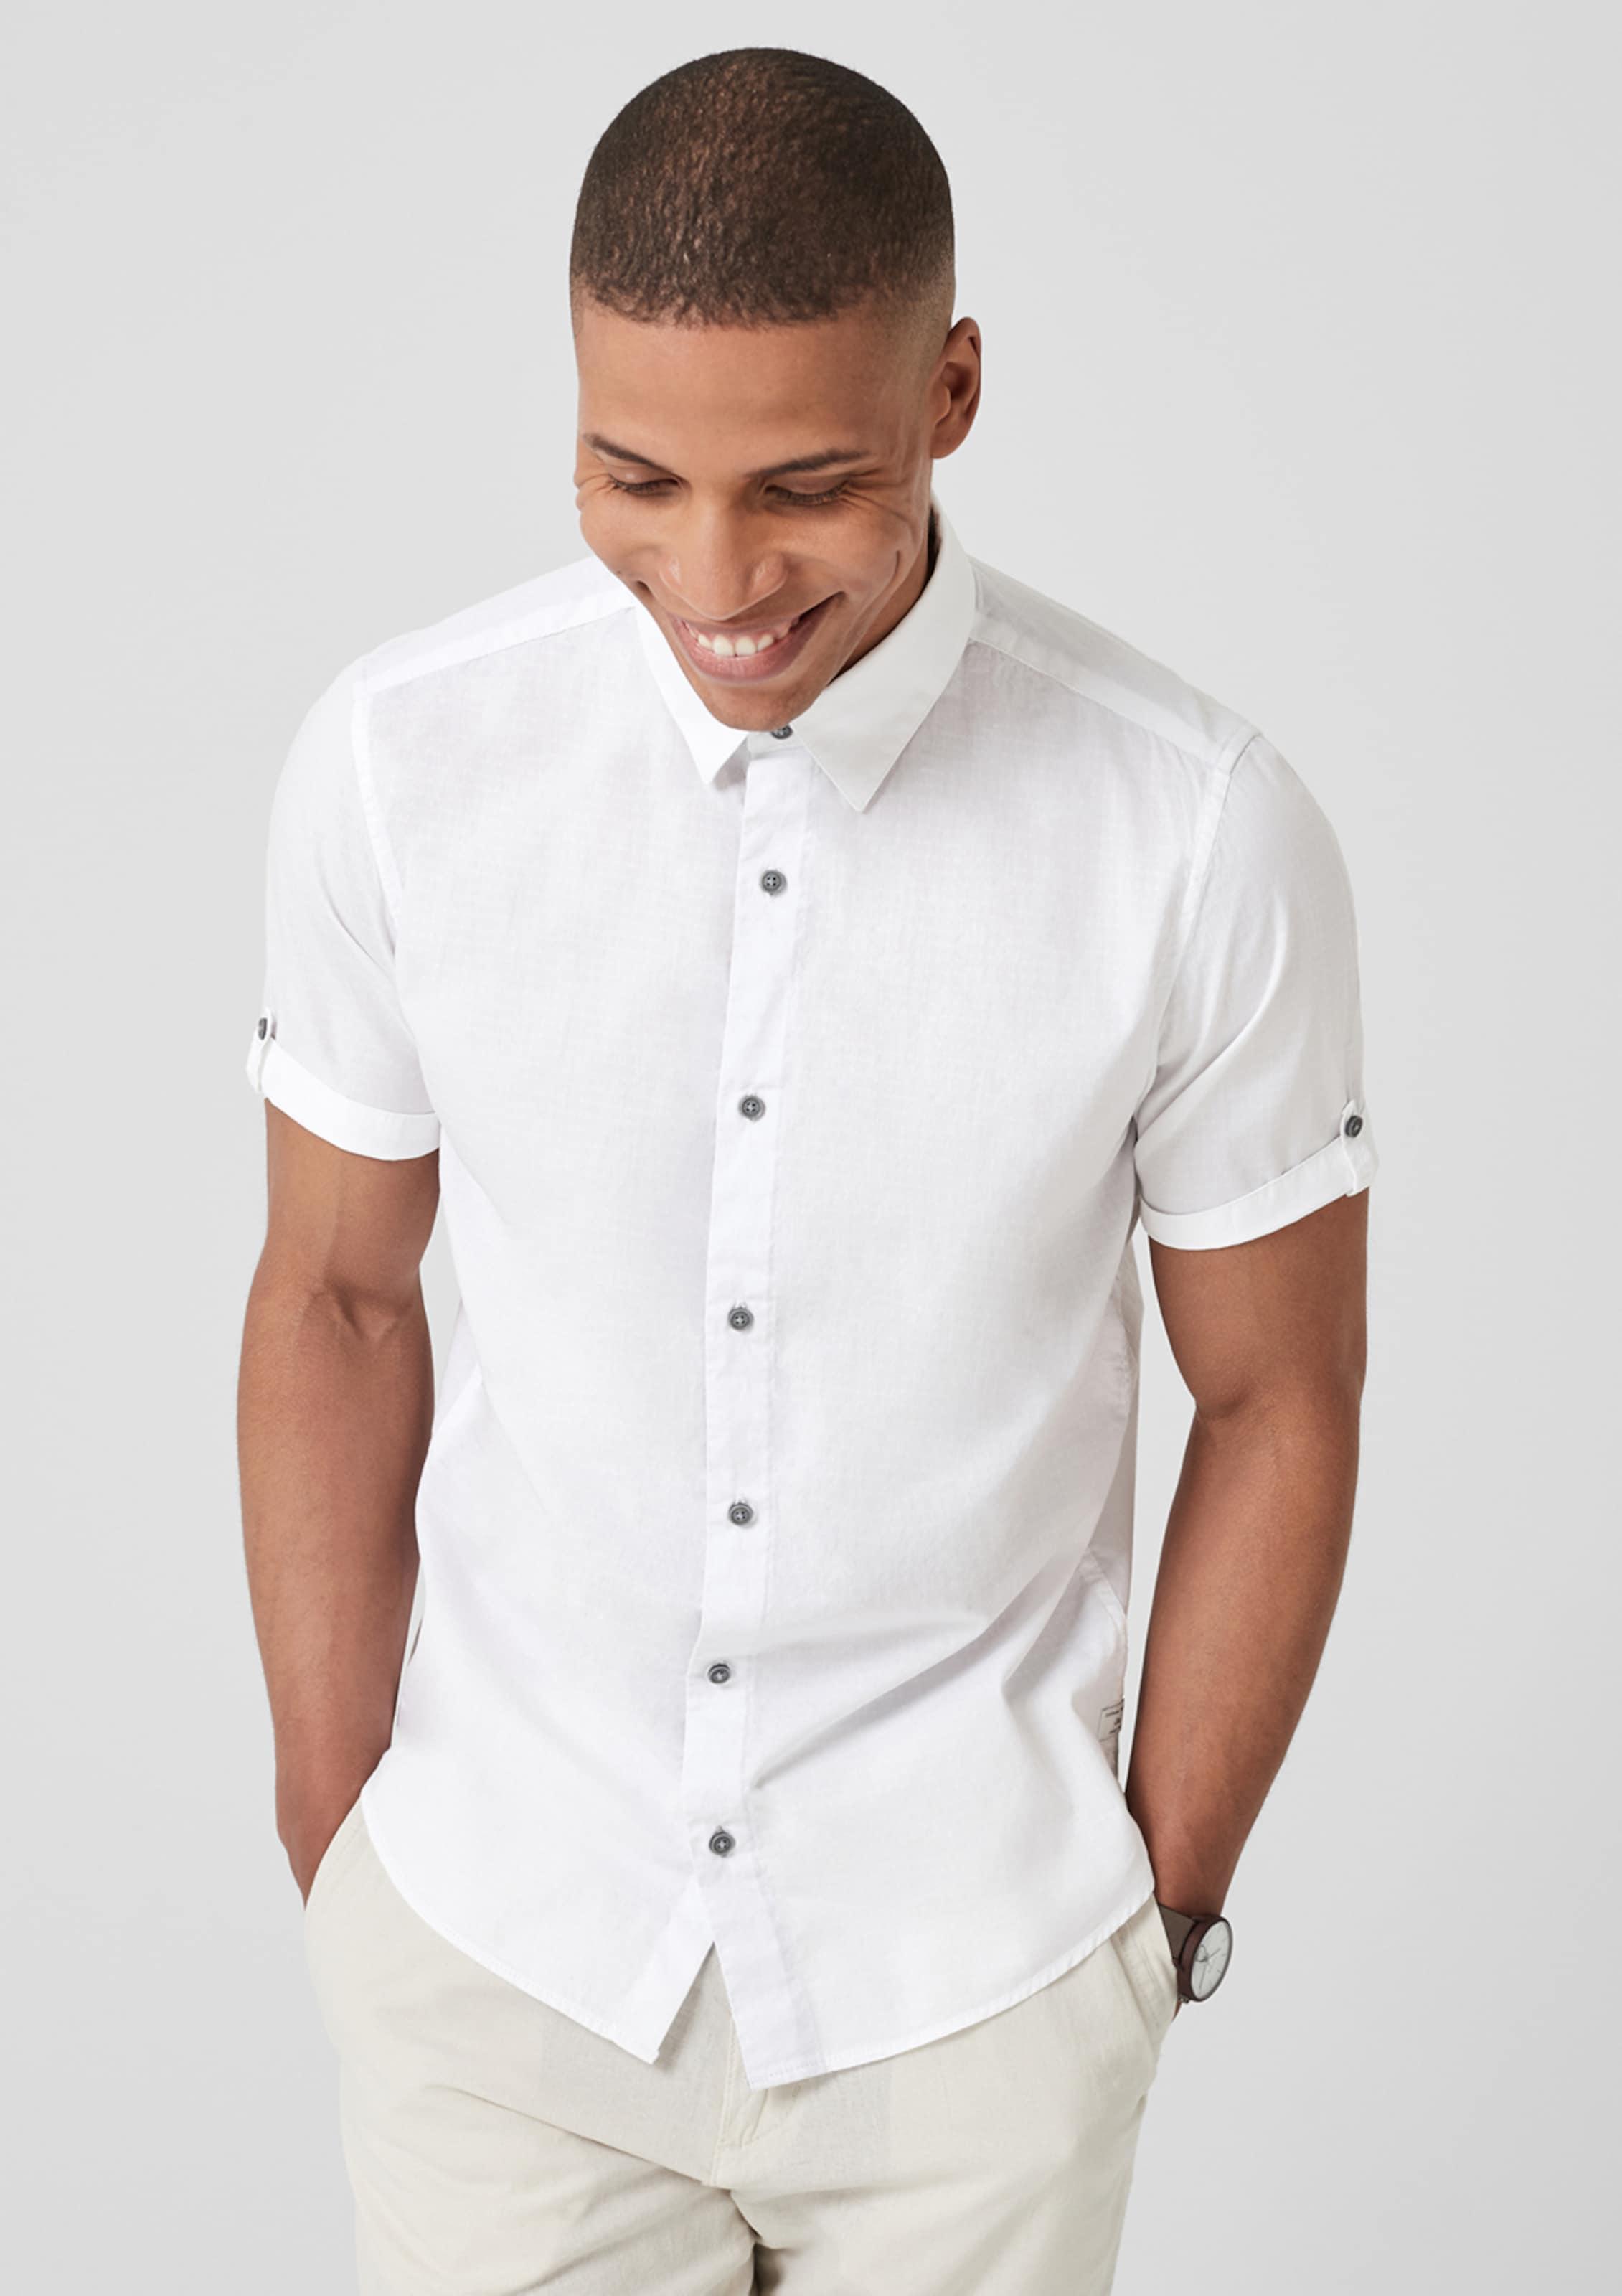 Kurzarmhemd S Label Weiß In SlimStrukturiertes oliver Red K31JTlFc